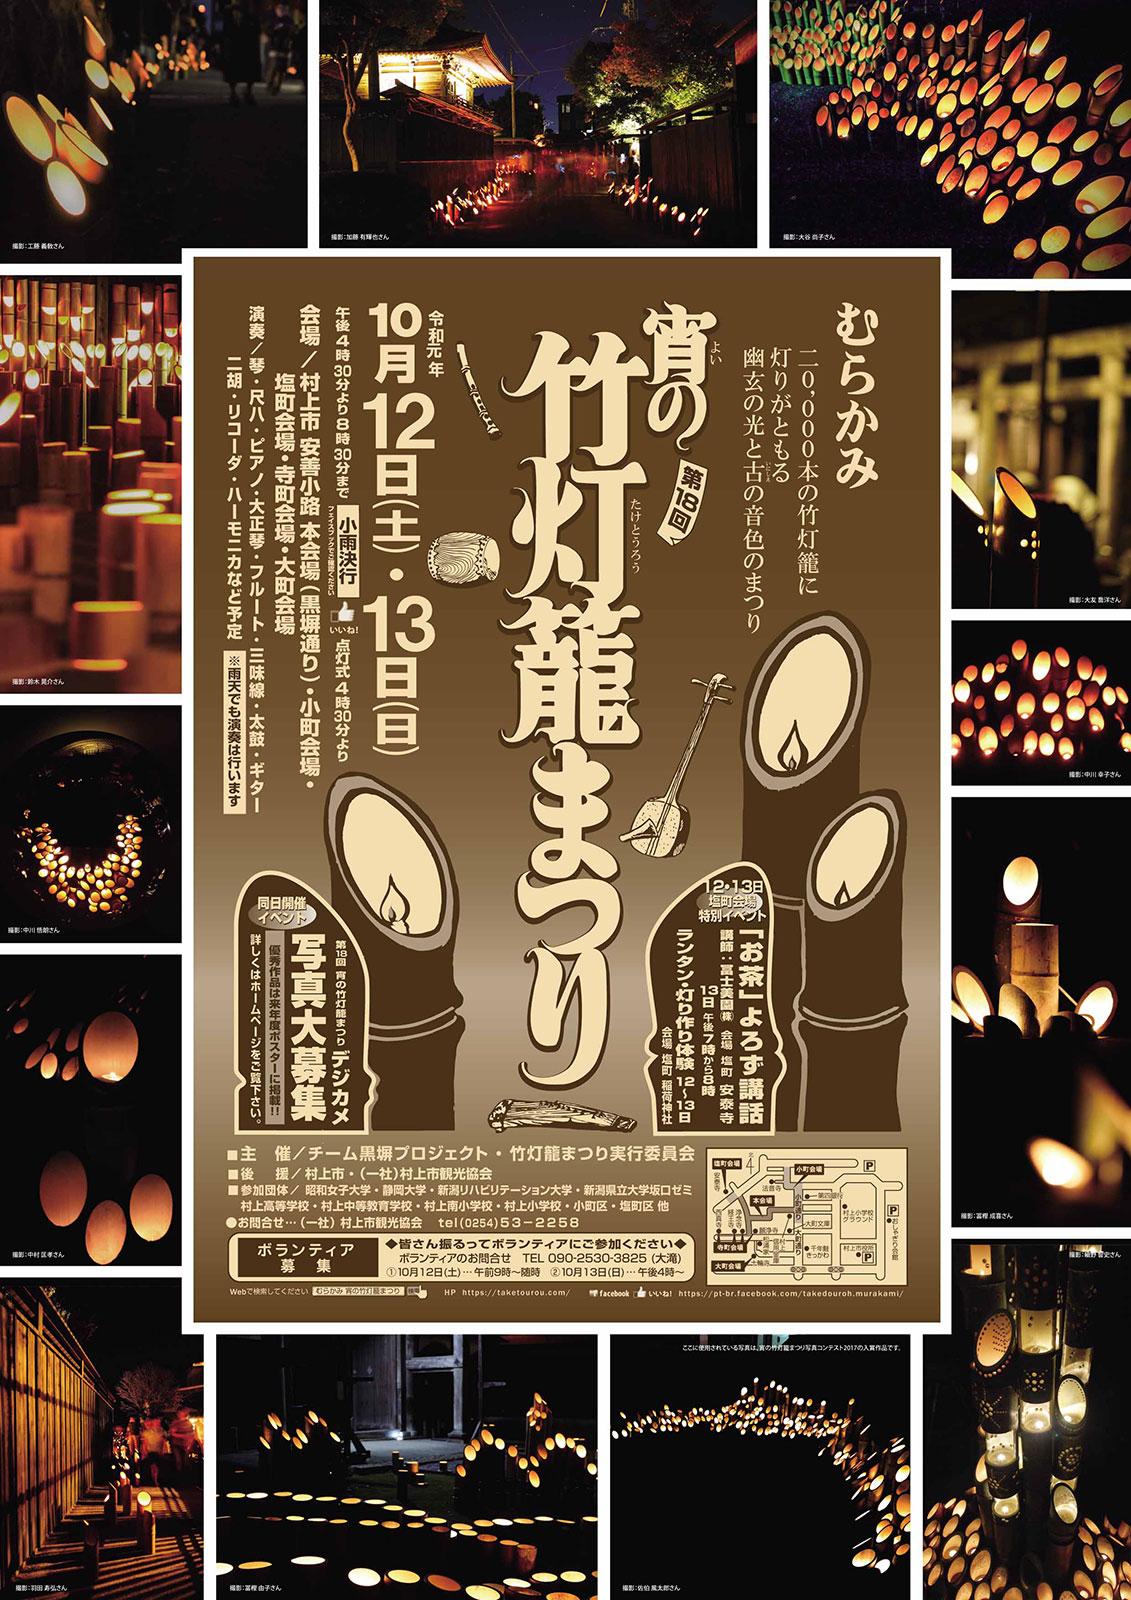 むらかみ宵の竹灯籠まつり 2019年ポスター